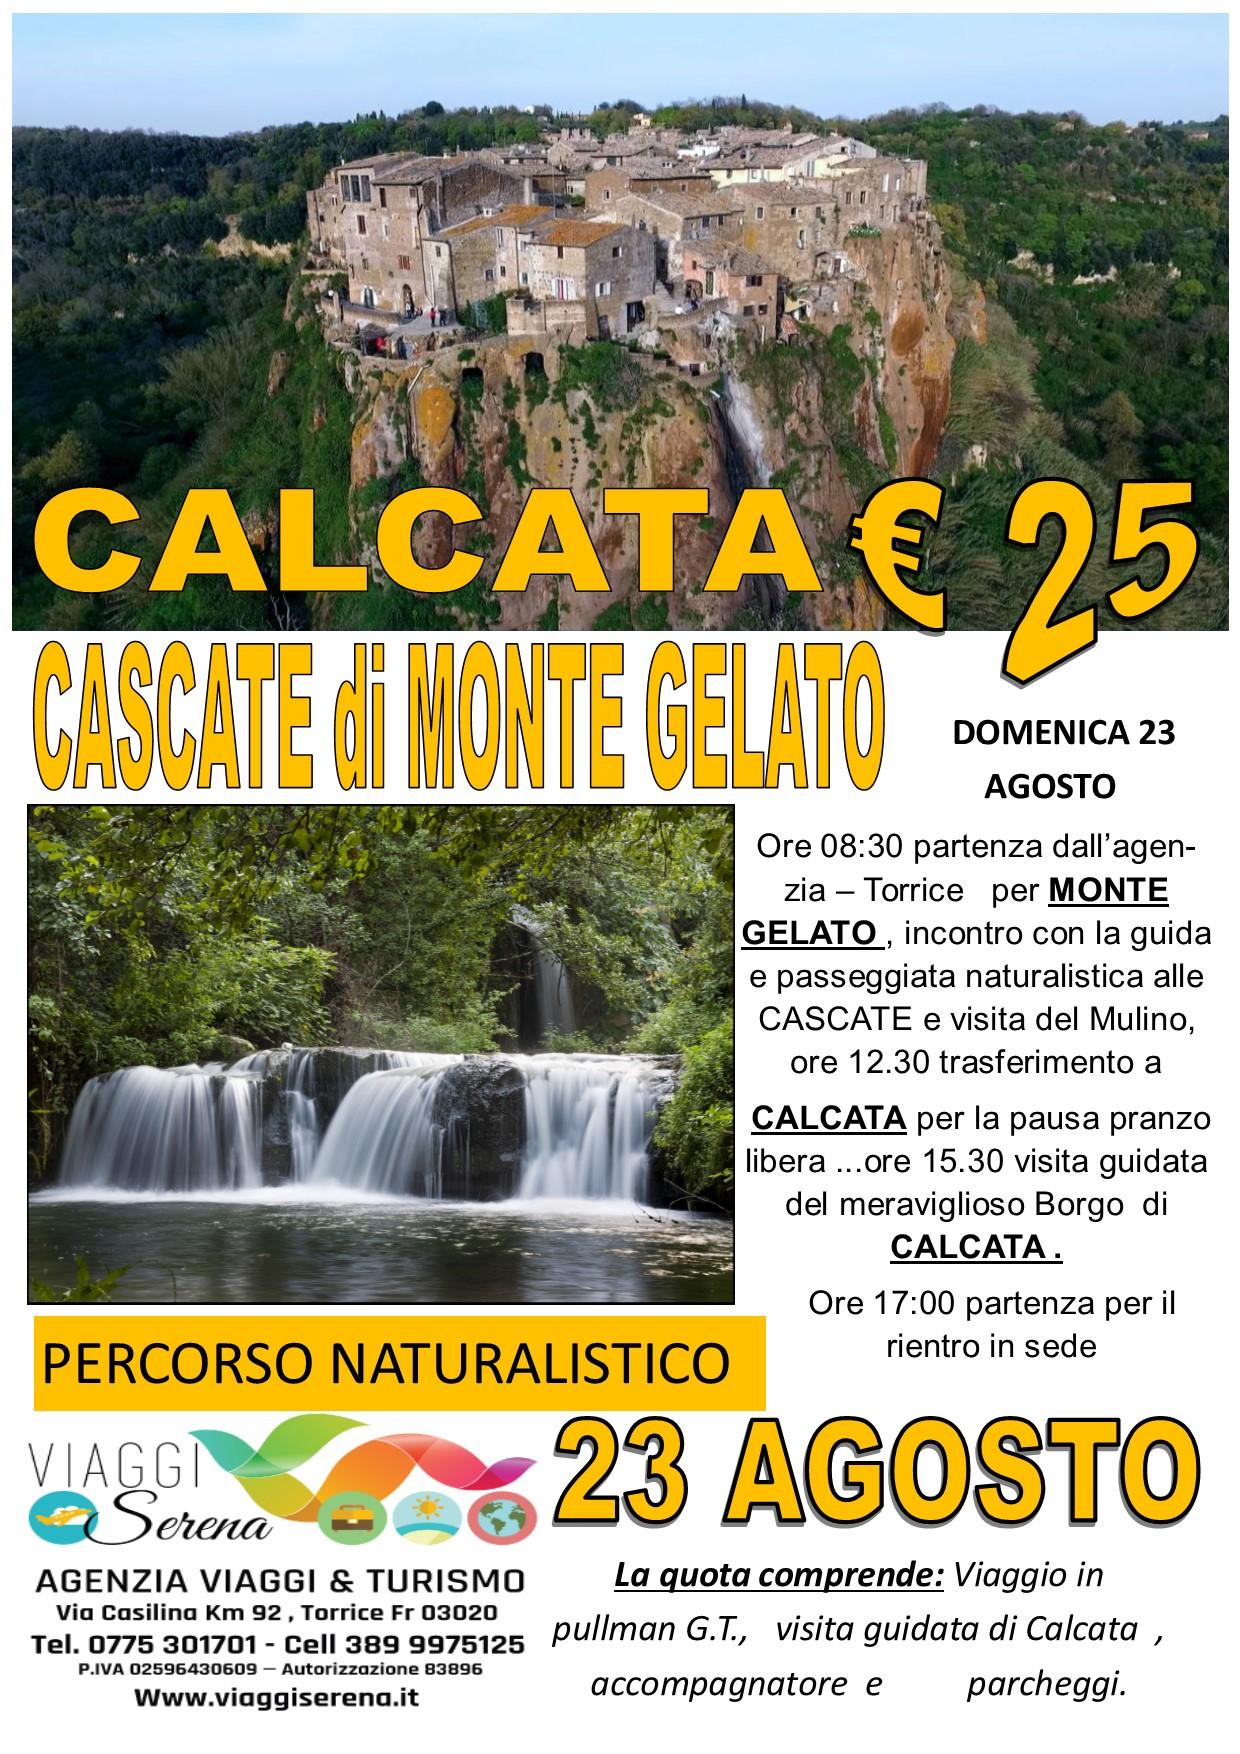 Viaggi di Gruppo: CALCATA & Monte Gelato 23 Agosto € 25,00